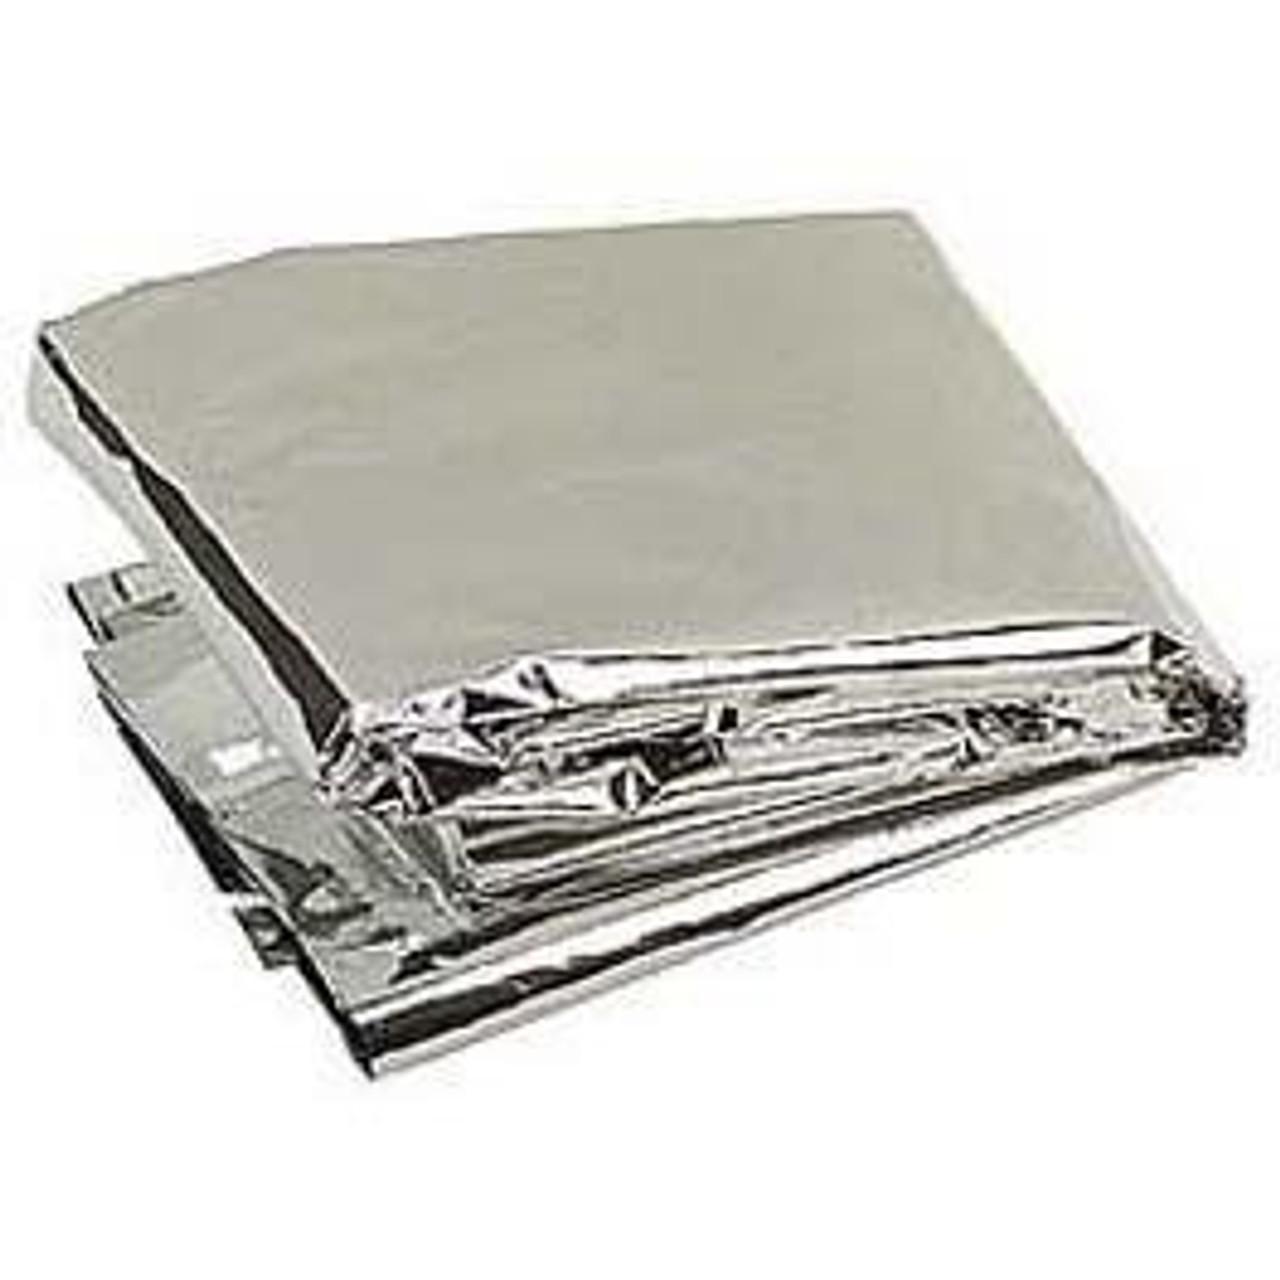 Thermal Emergency Blanket - Silver - 12 Pak